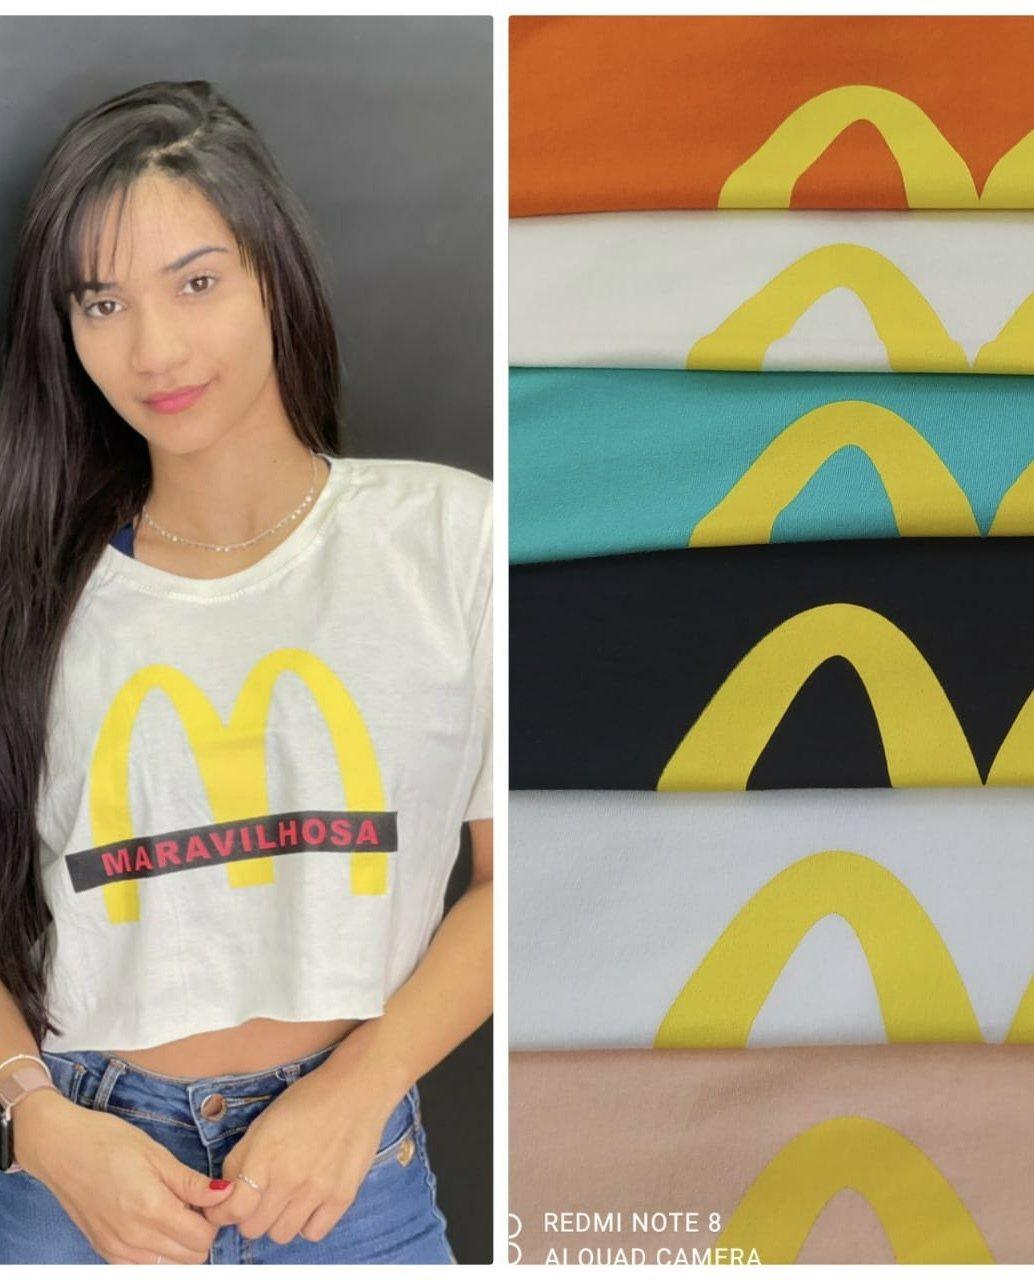 Blusa Tshirt Cropped Maravilhosa Donna Chick